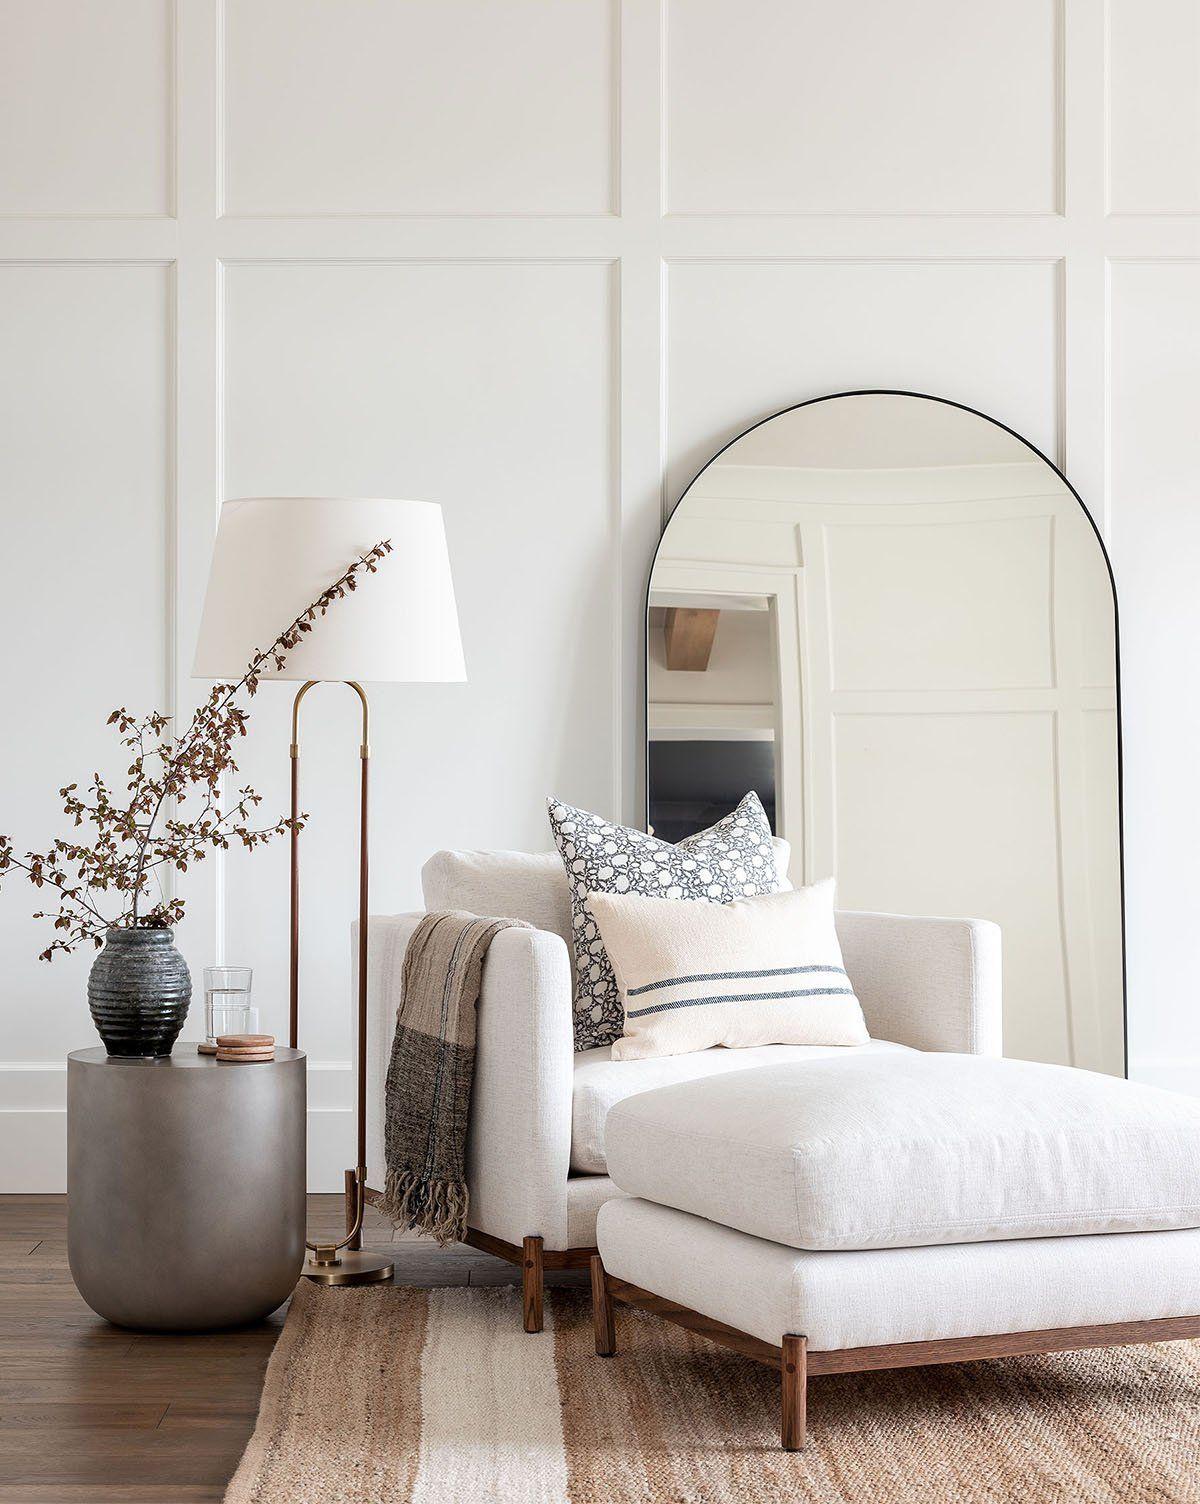 ilaria fatone inspirations - un miroir oversize posé au sol derrière un fauteuil